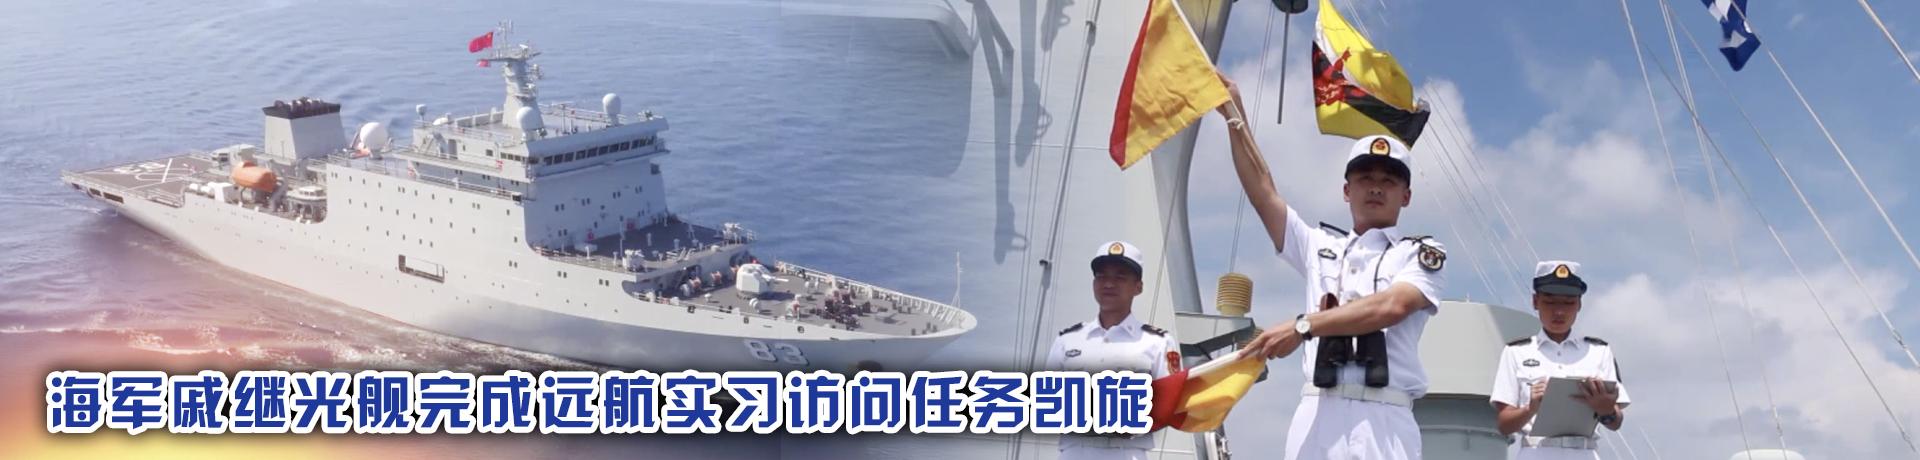 海军戚继光舰完成远航实习访问任务凯旋